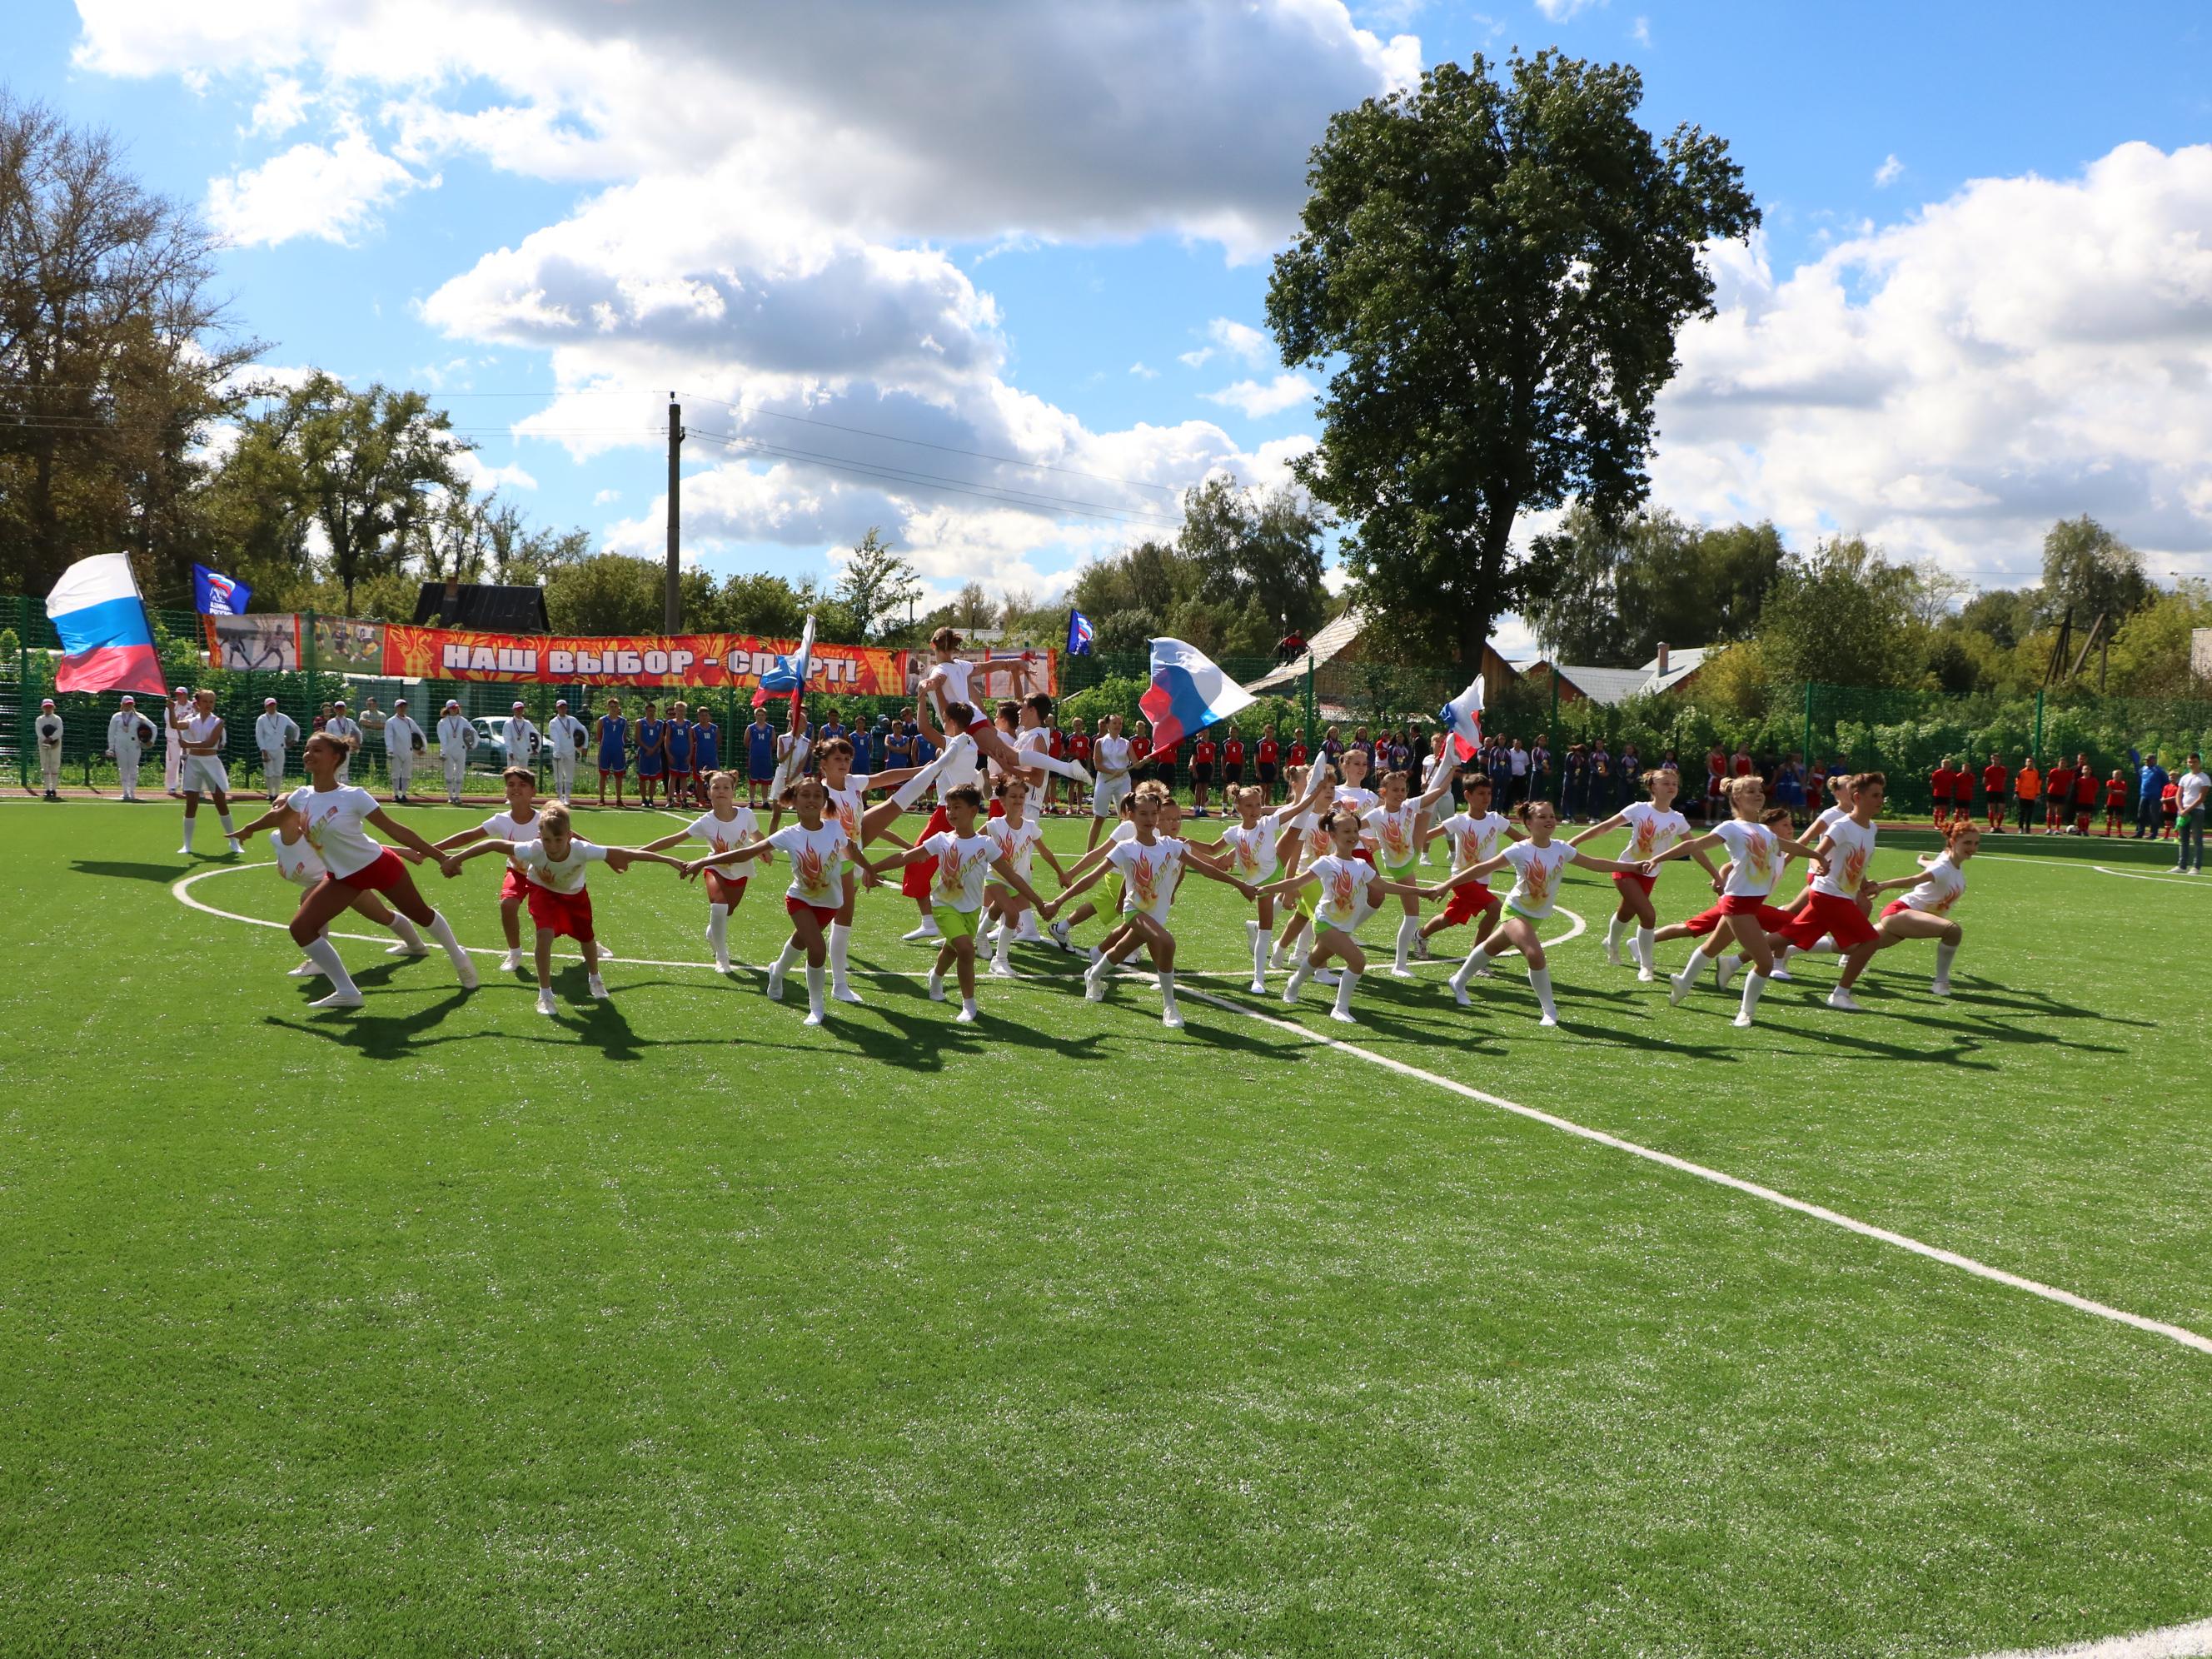 ВМичуринске открыли новый пришкольный стадион